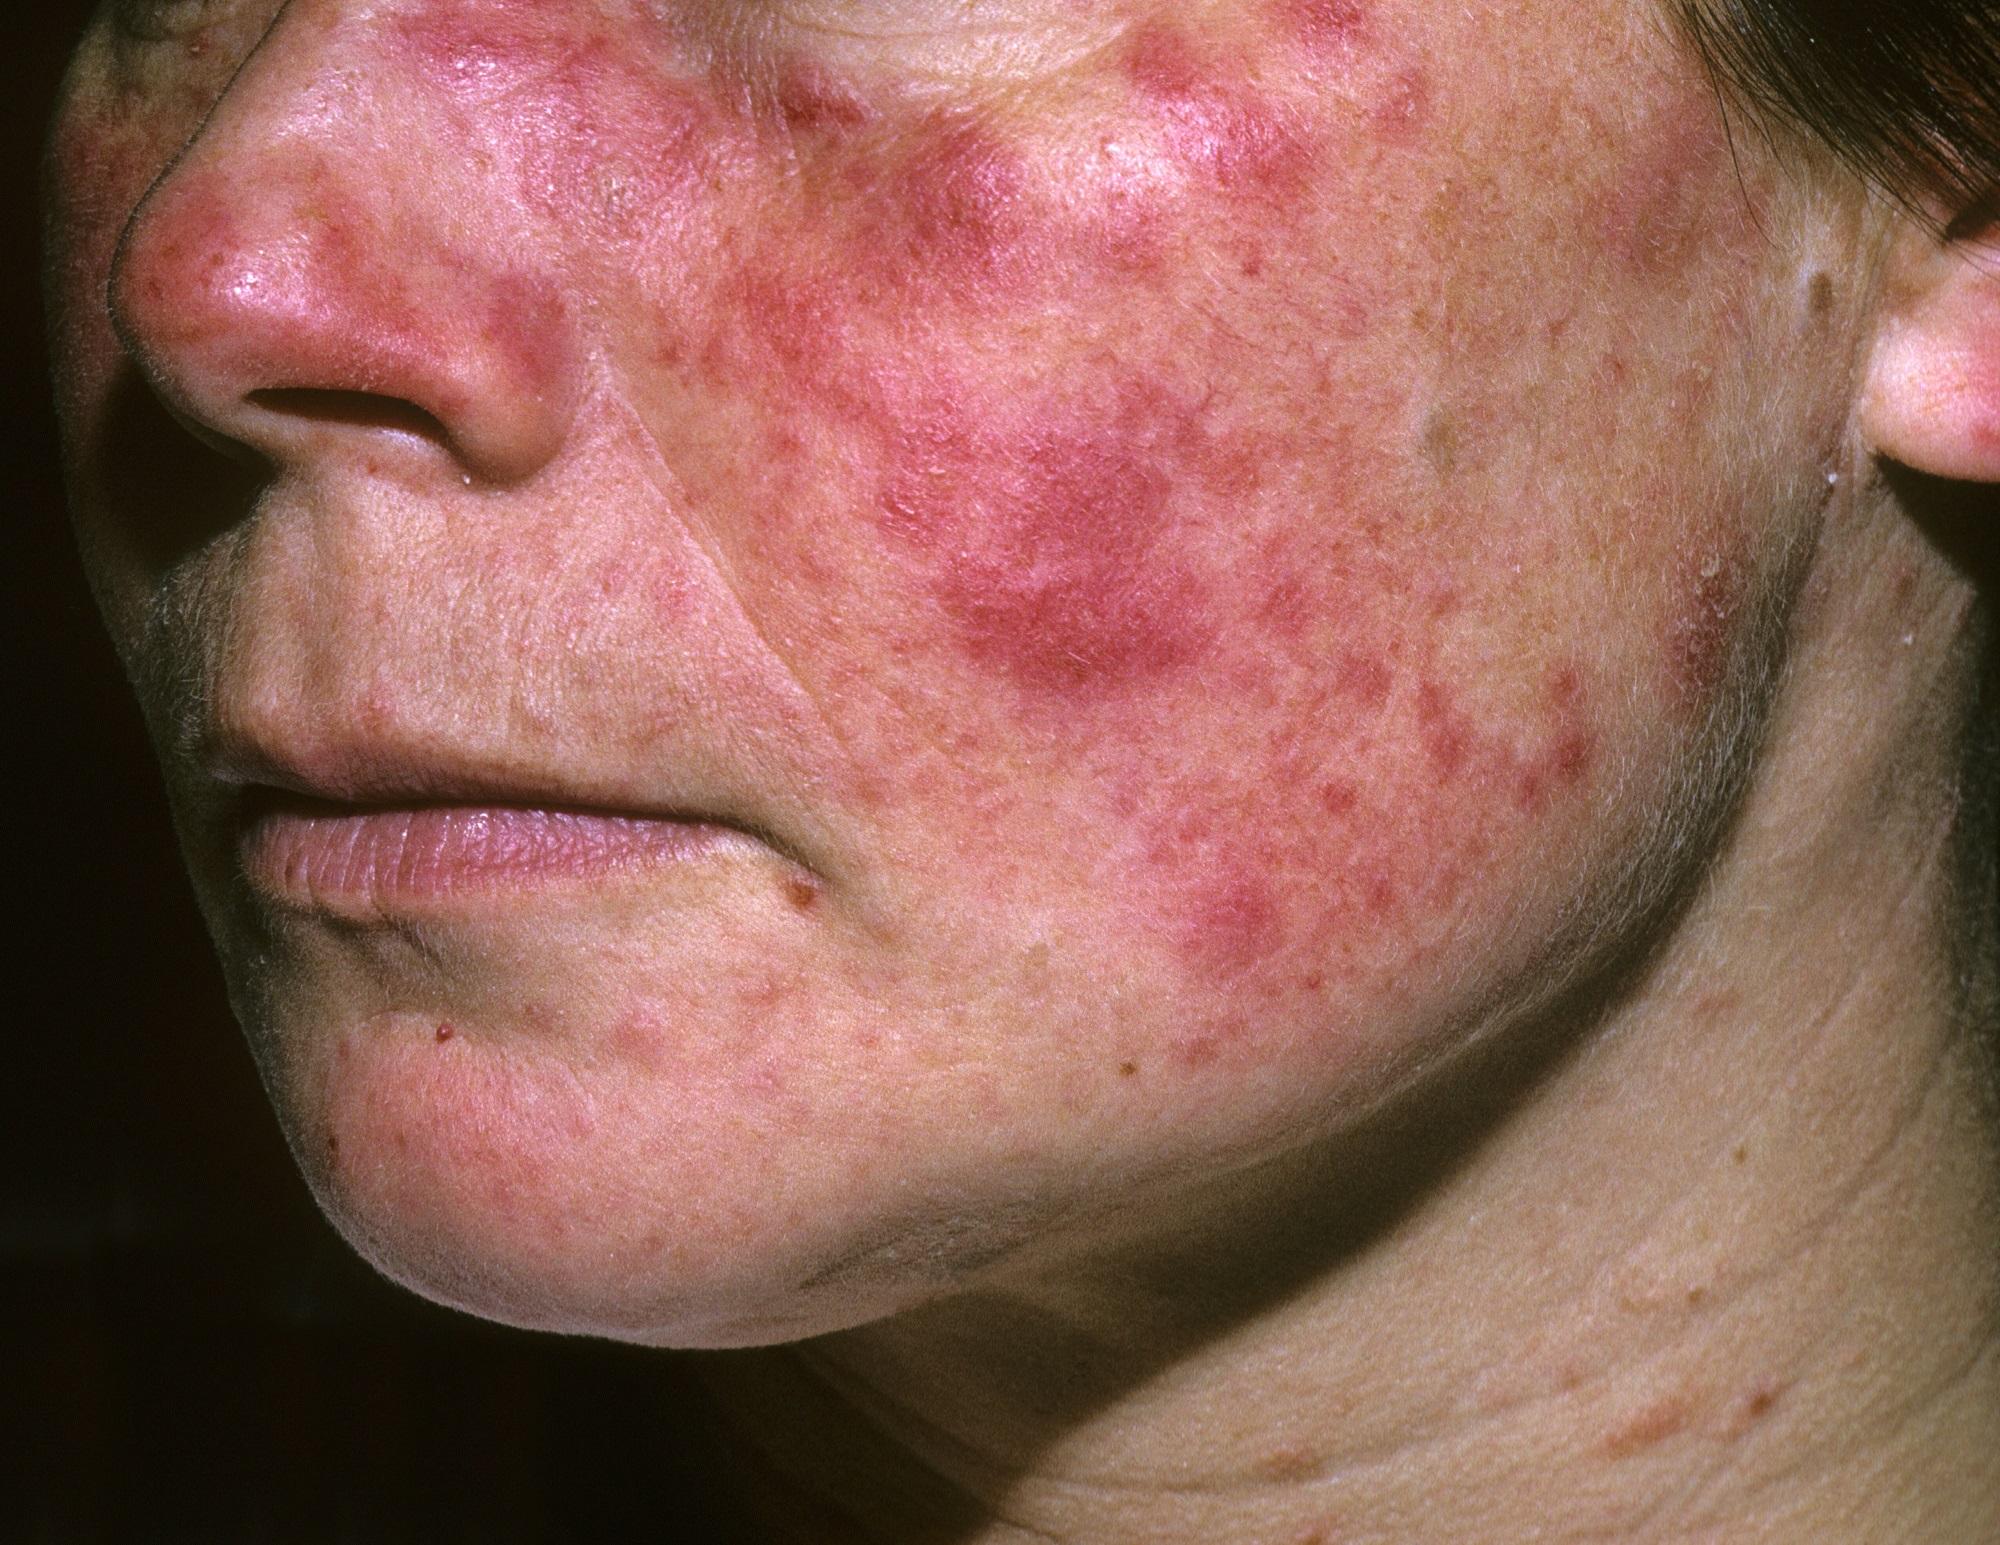 Los cambios atmosféricos y ambientales afectan los brotes de lupus ...